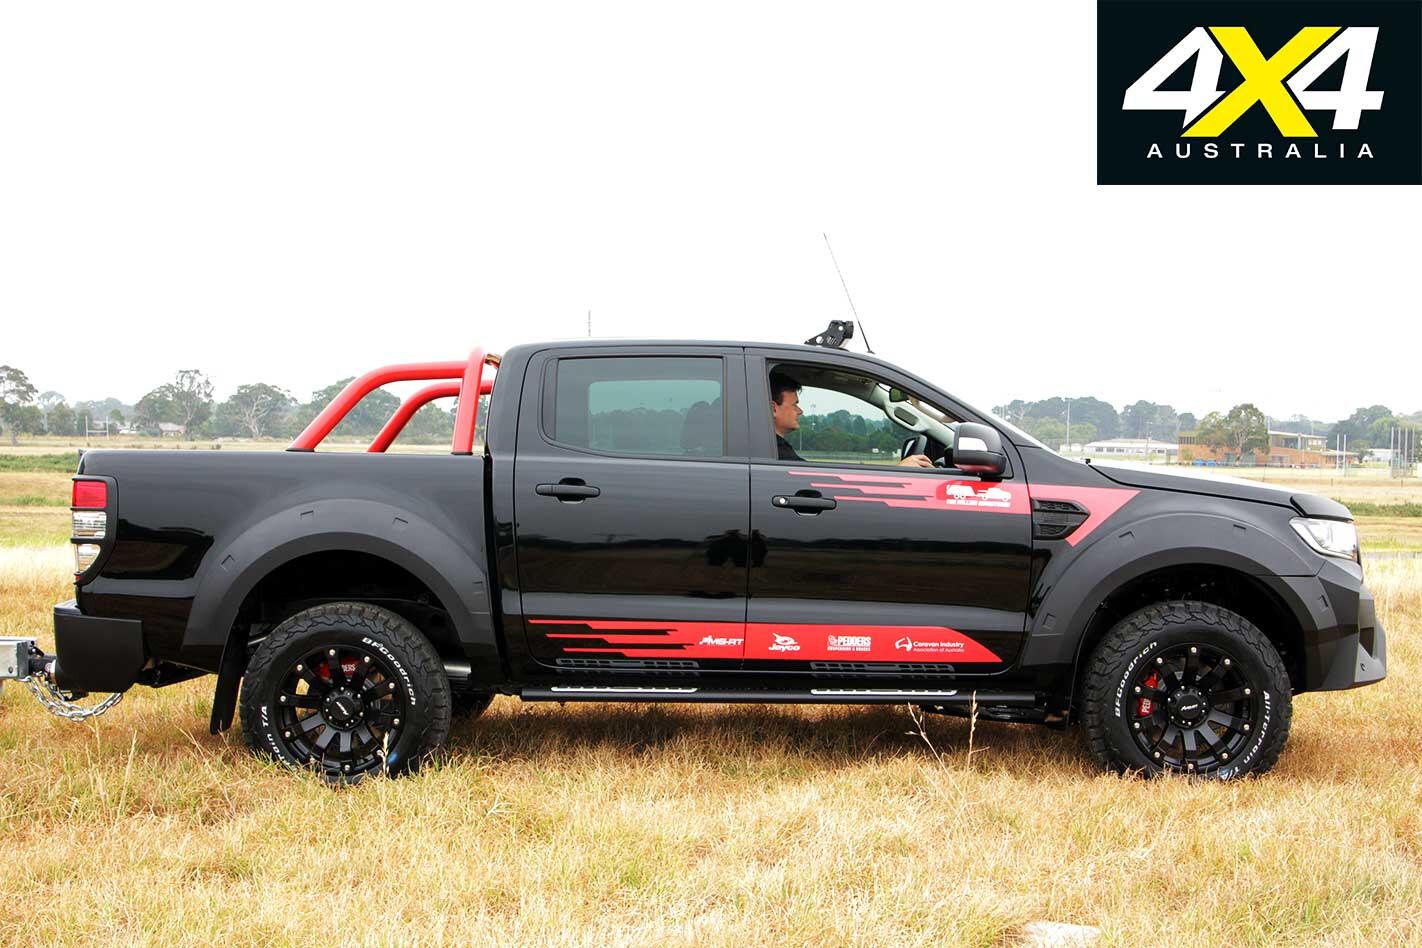 Pedders MS RT Ford Ranger Side Profile Jpg